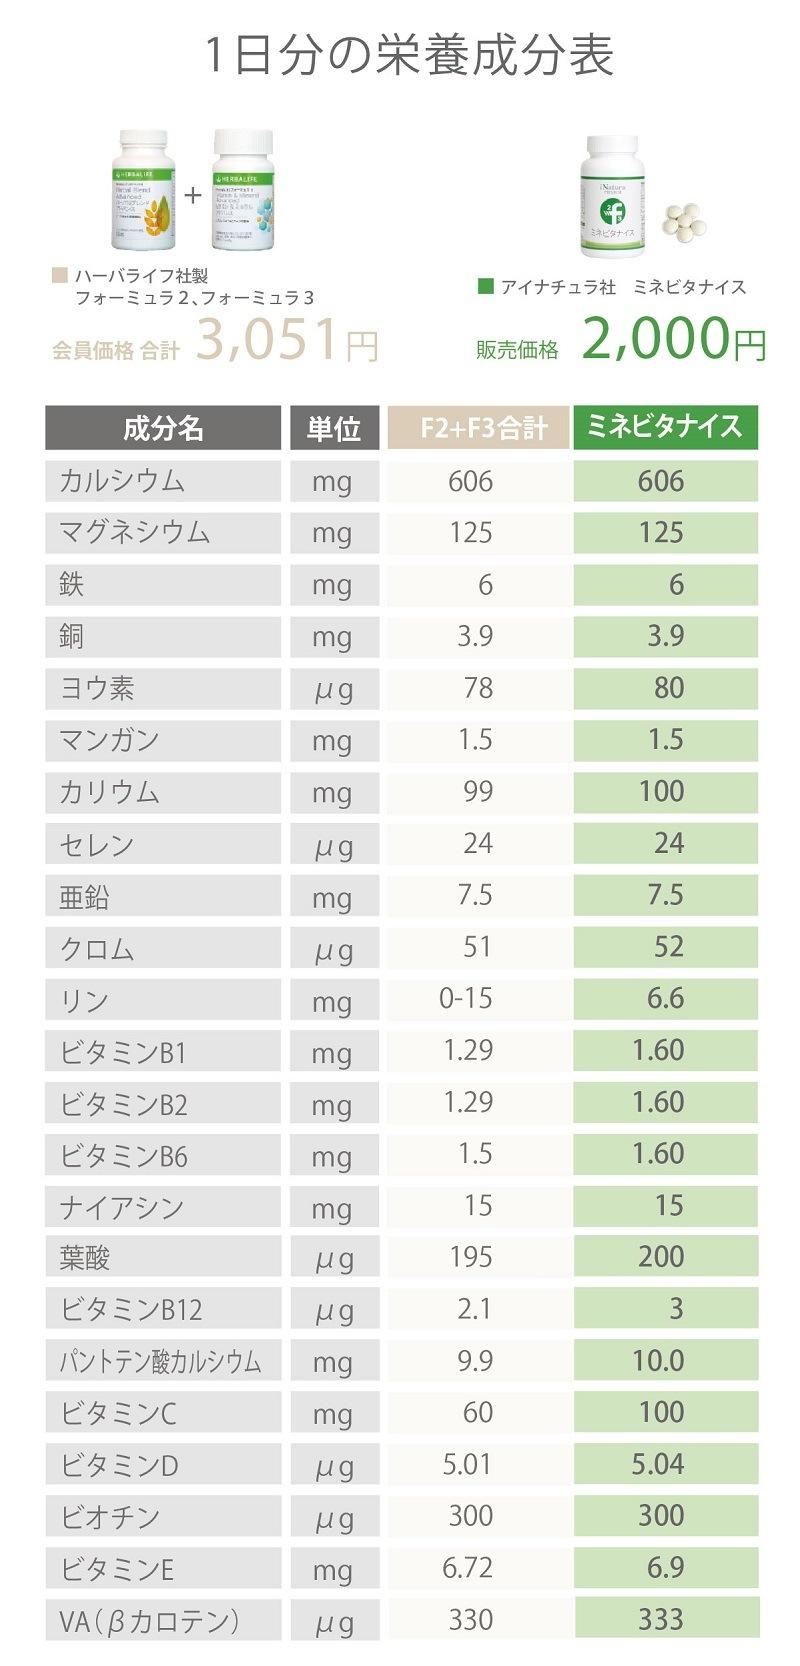 ハーバライフ社F2とF3とアイナチュラ社ミネビタナイスの1日分の栄養成分表